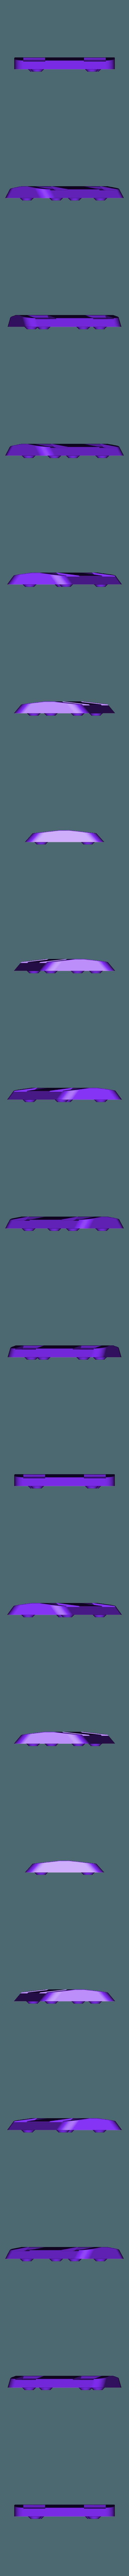 SKID_PLATE_20190215.stl Télécharger fichier STL gratuit Plaque de protection Reely Dune Fighter avant et/ou arrière • Design pour impression 3D, peterbroeders